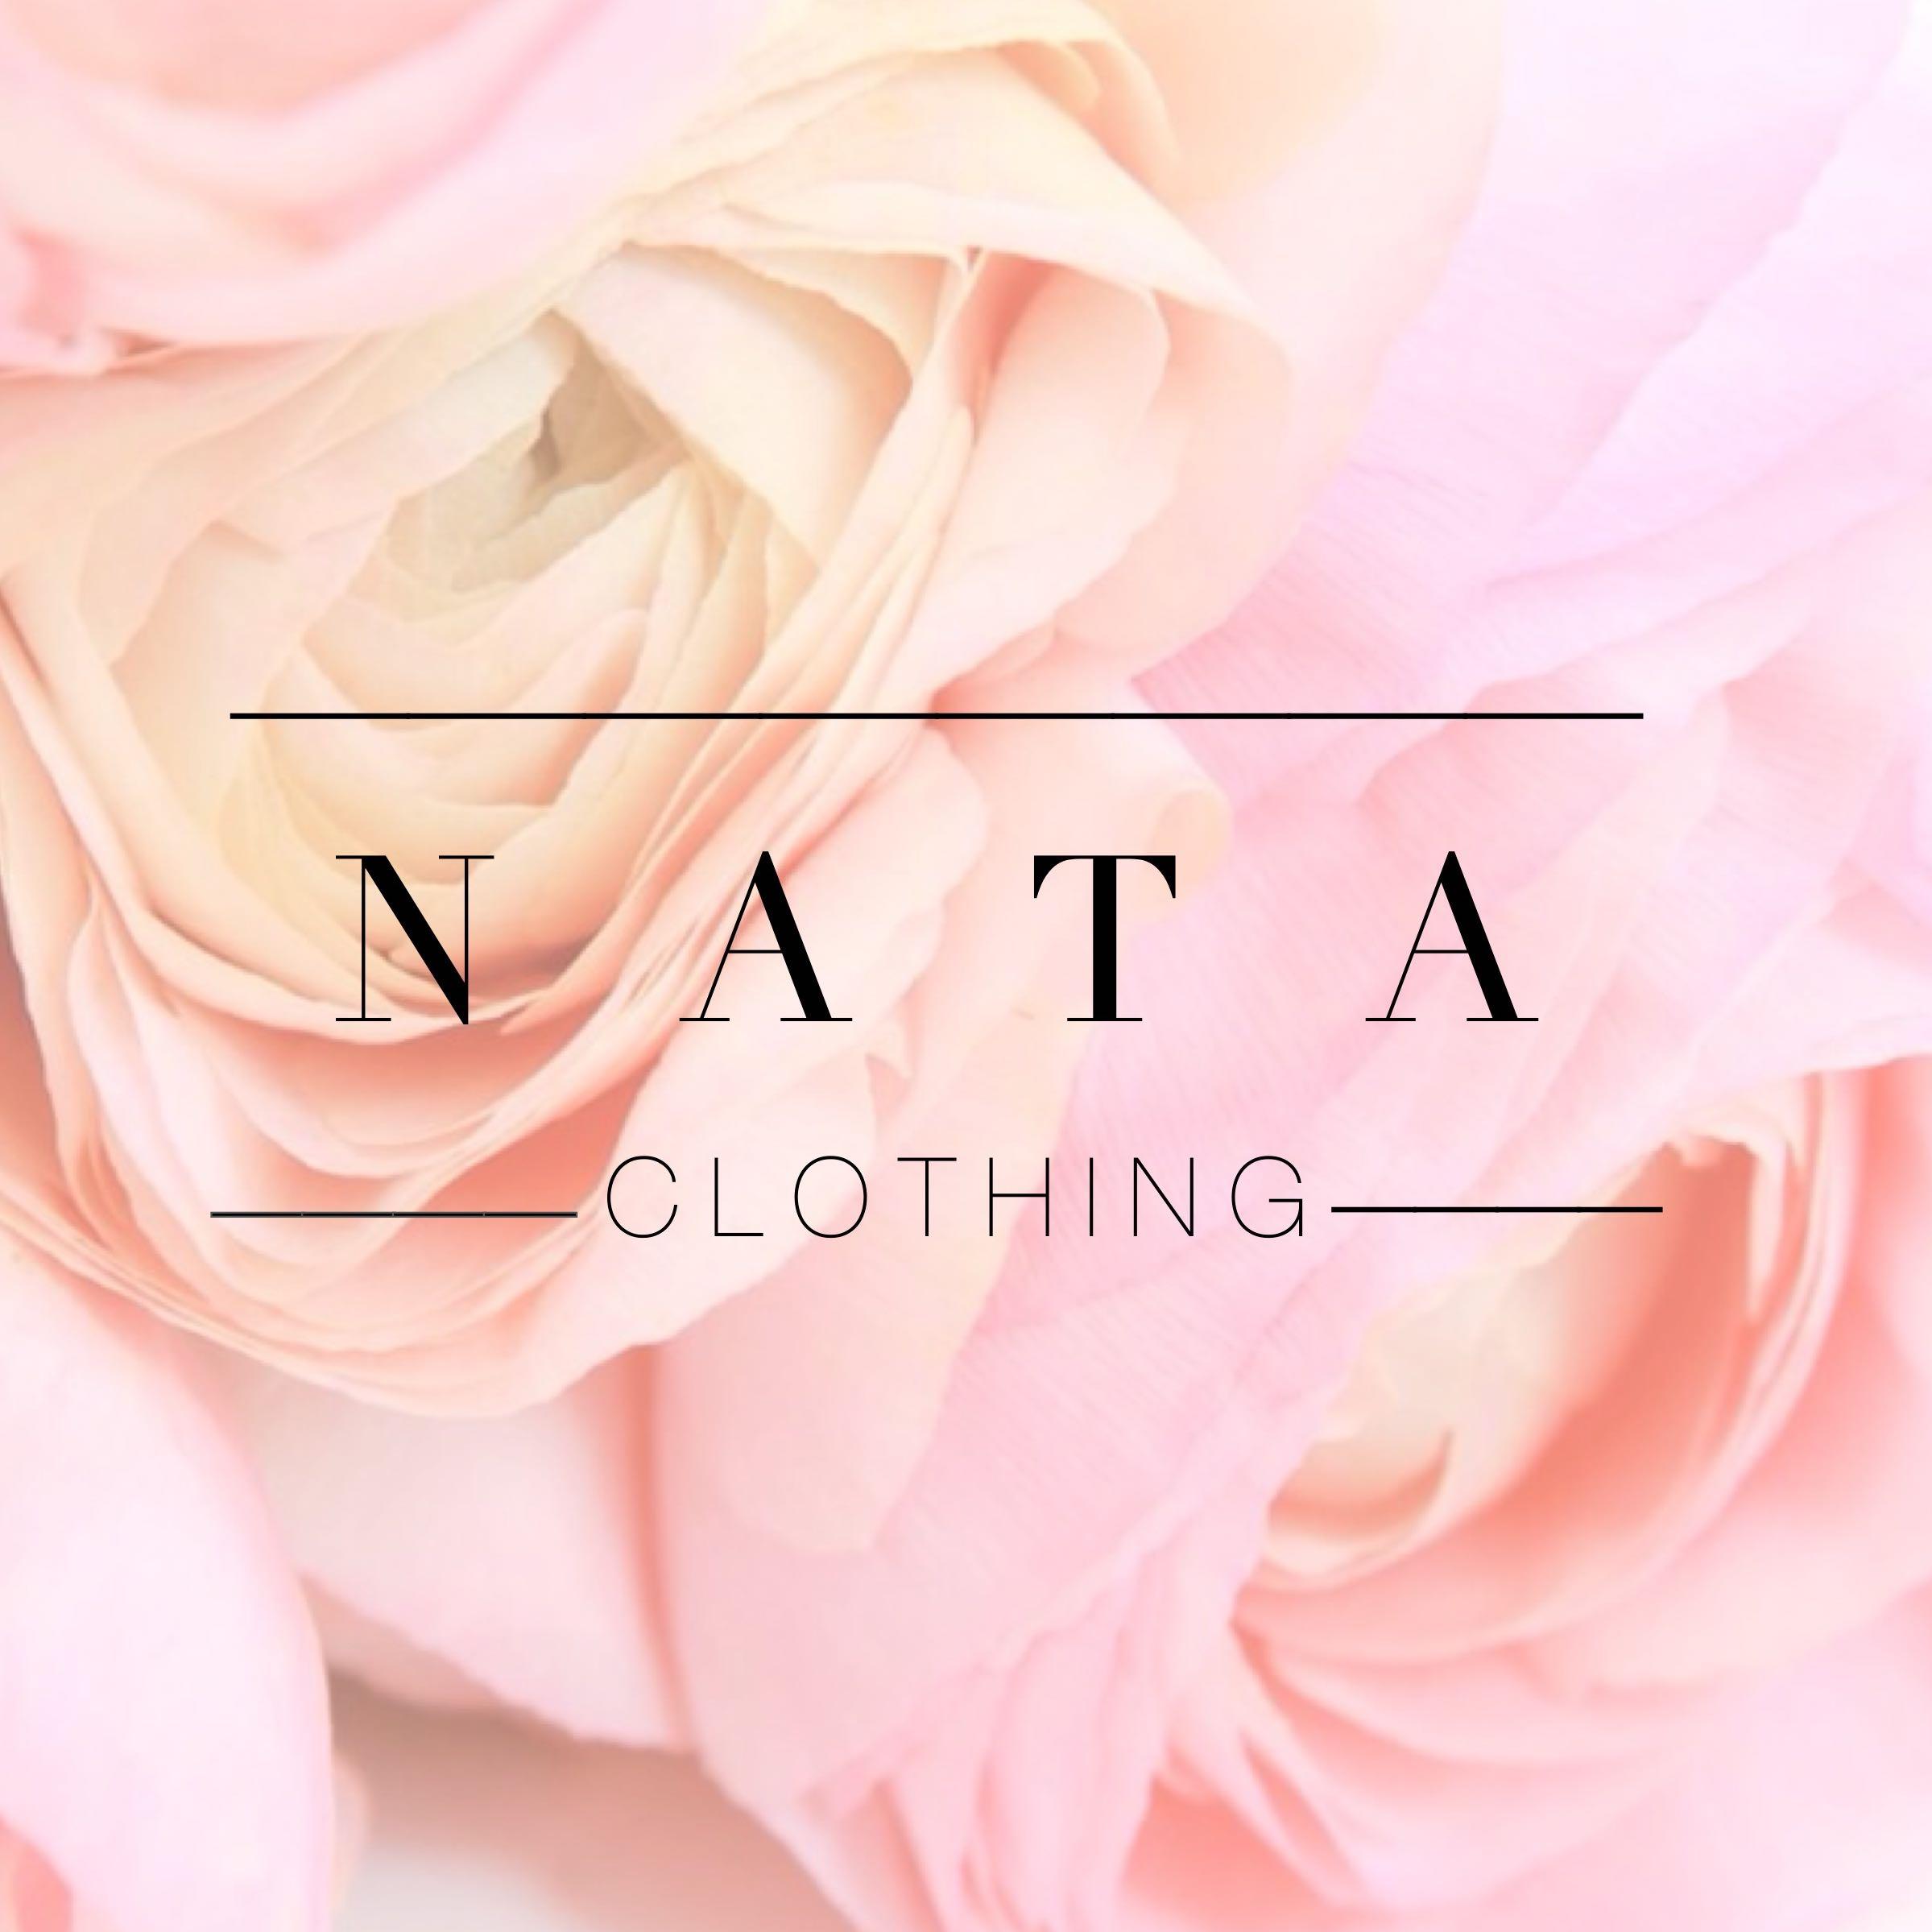 nataclothing